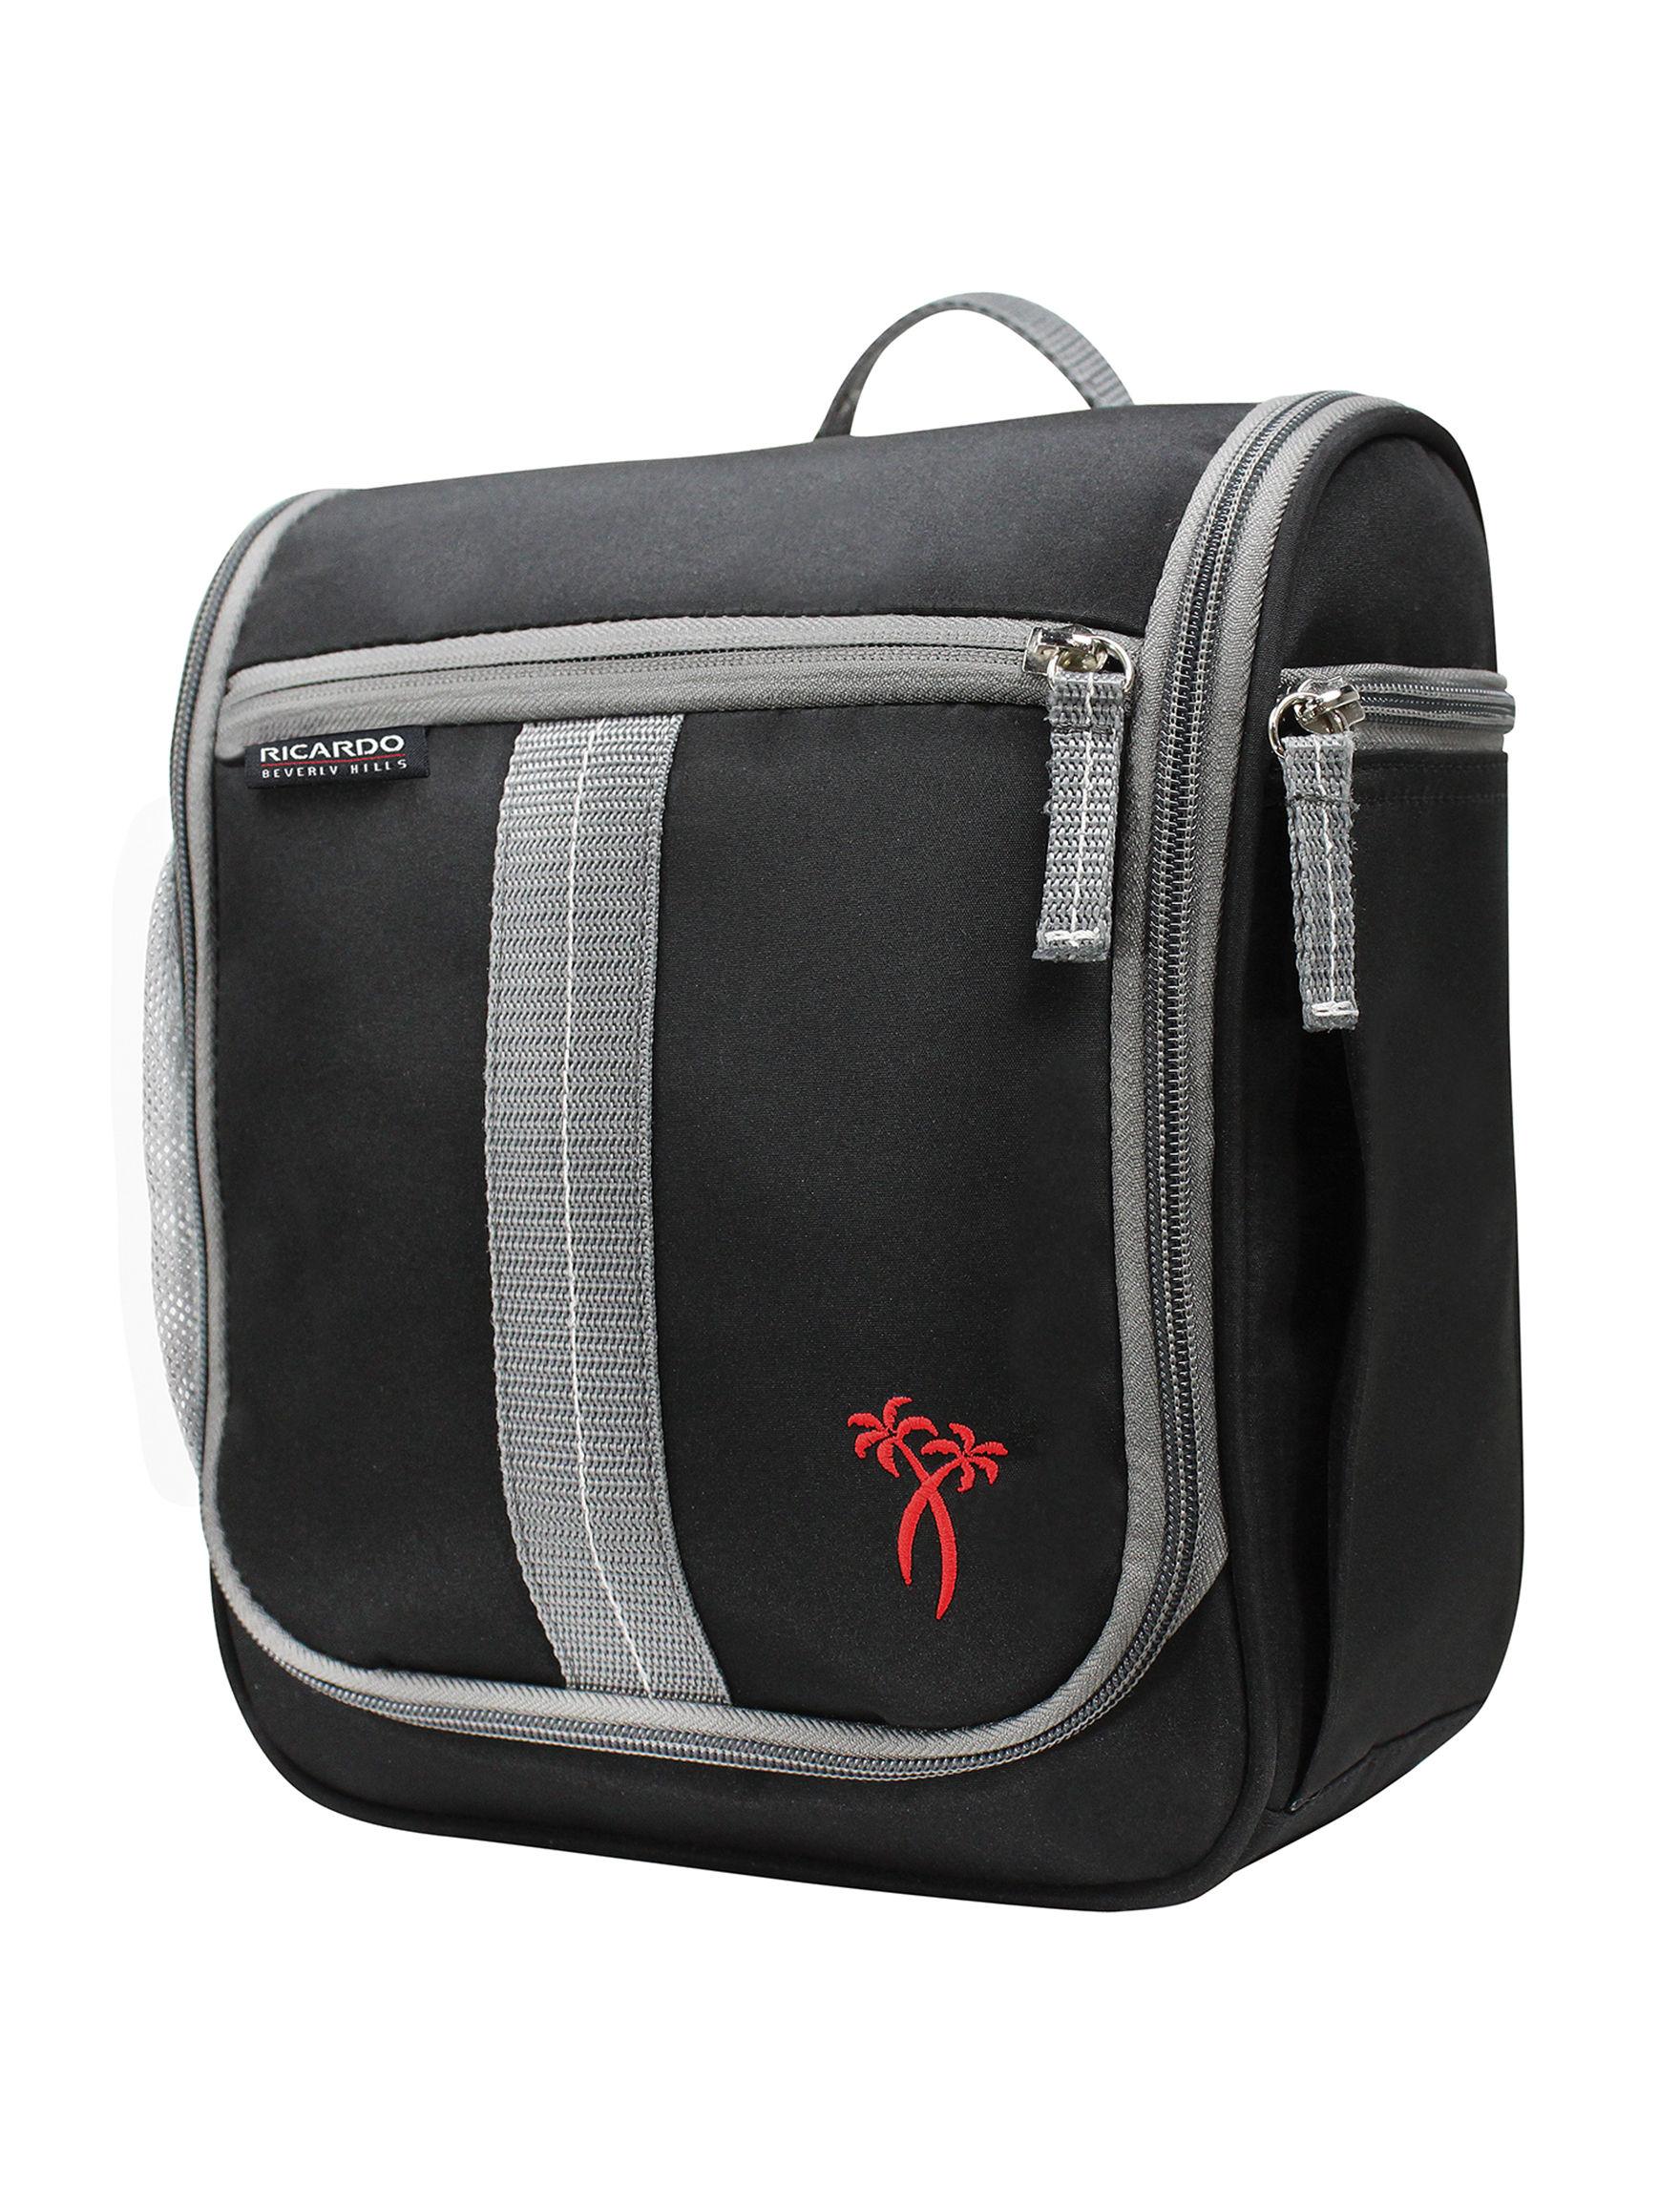 Ricardo Black Weekend Bags